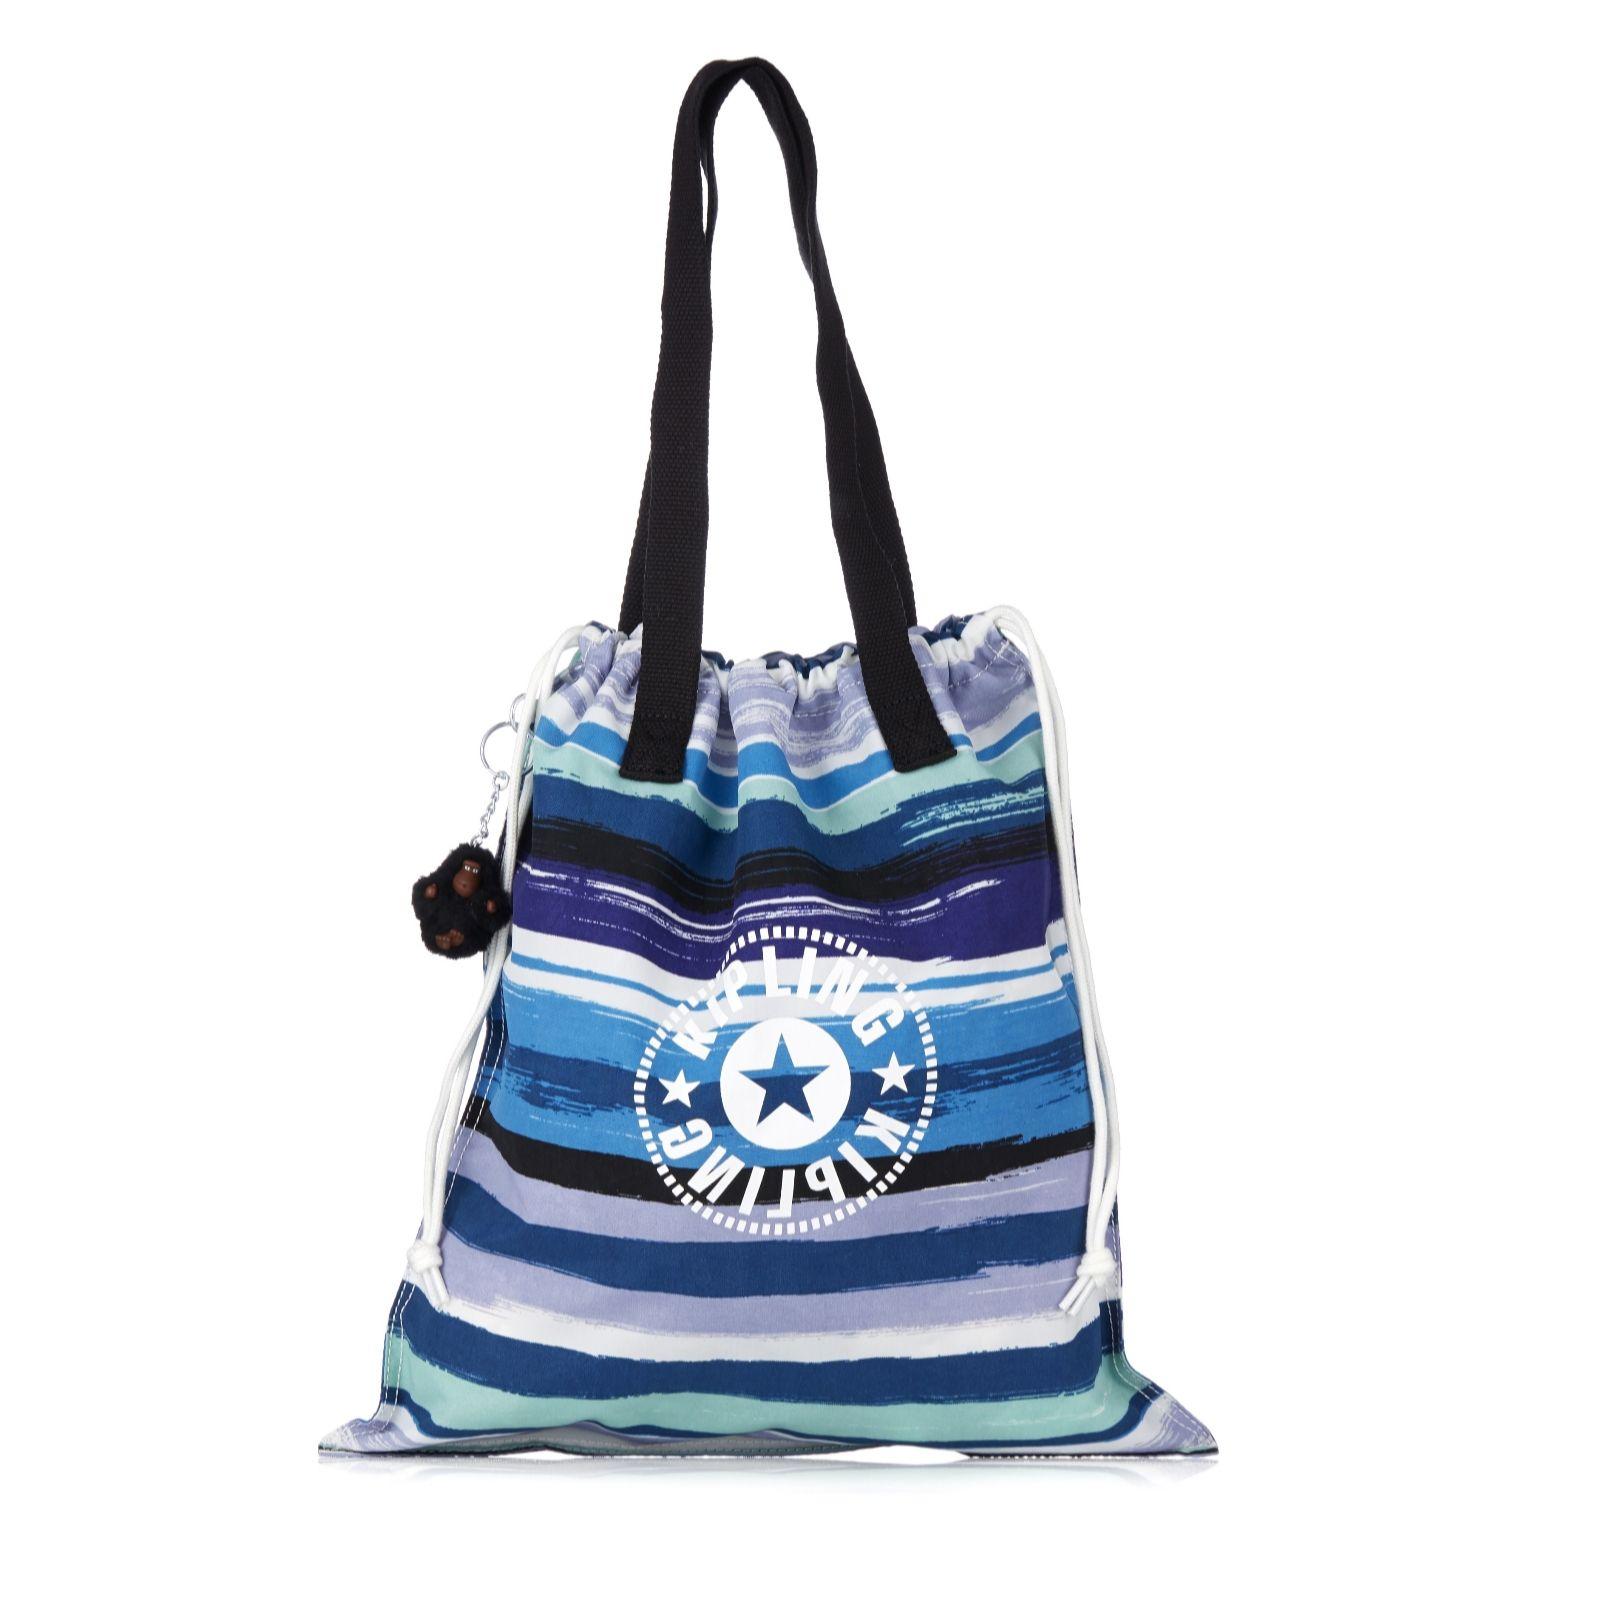 ec735242d9 Kipling New Hip Hurray Shopper Bag - QVC UK